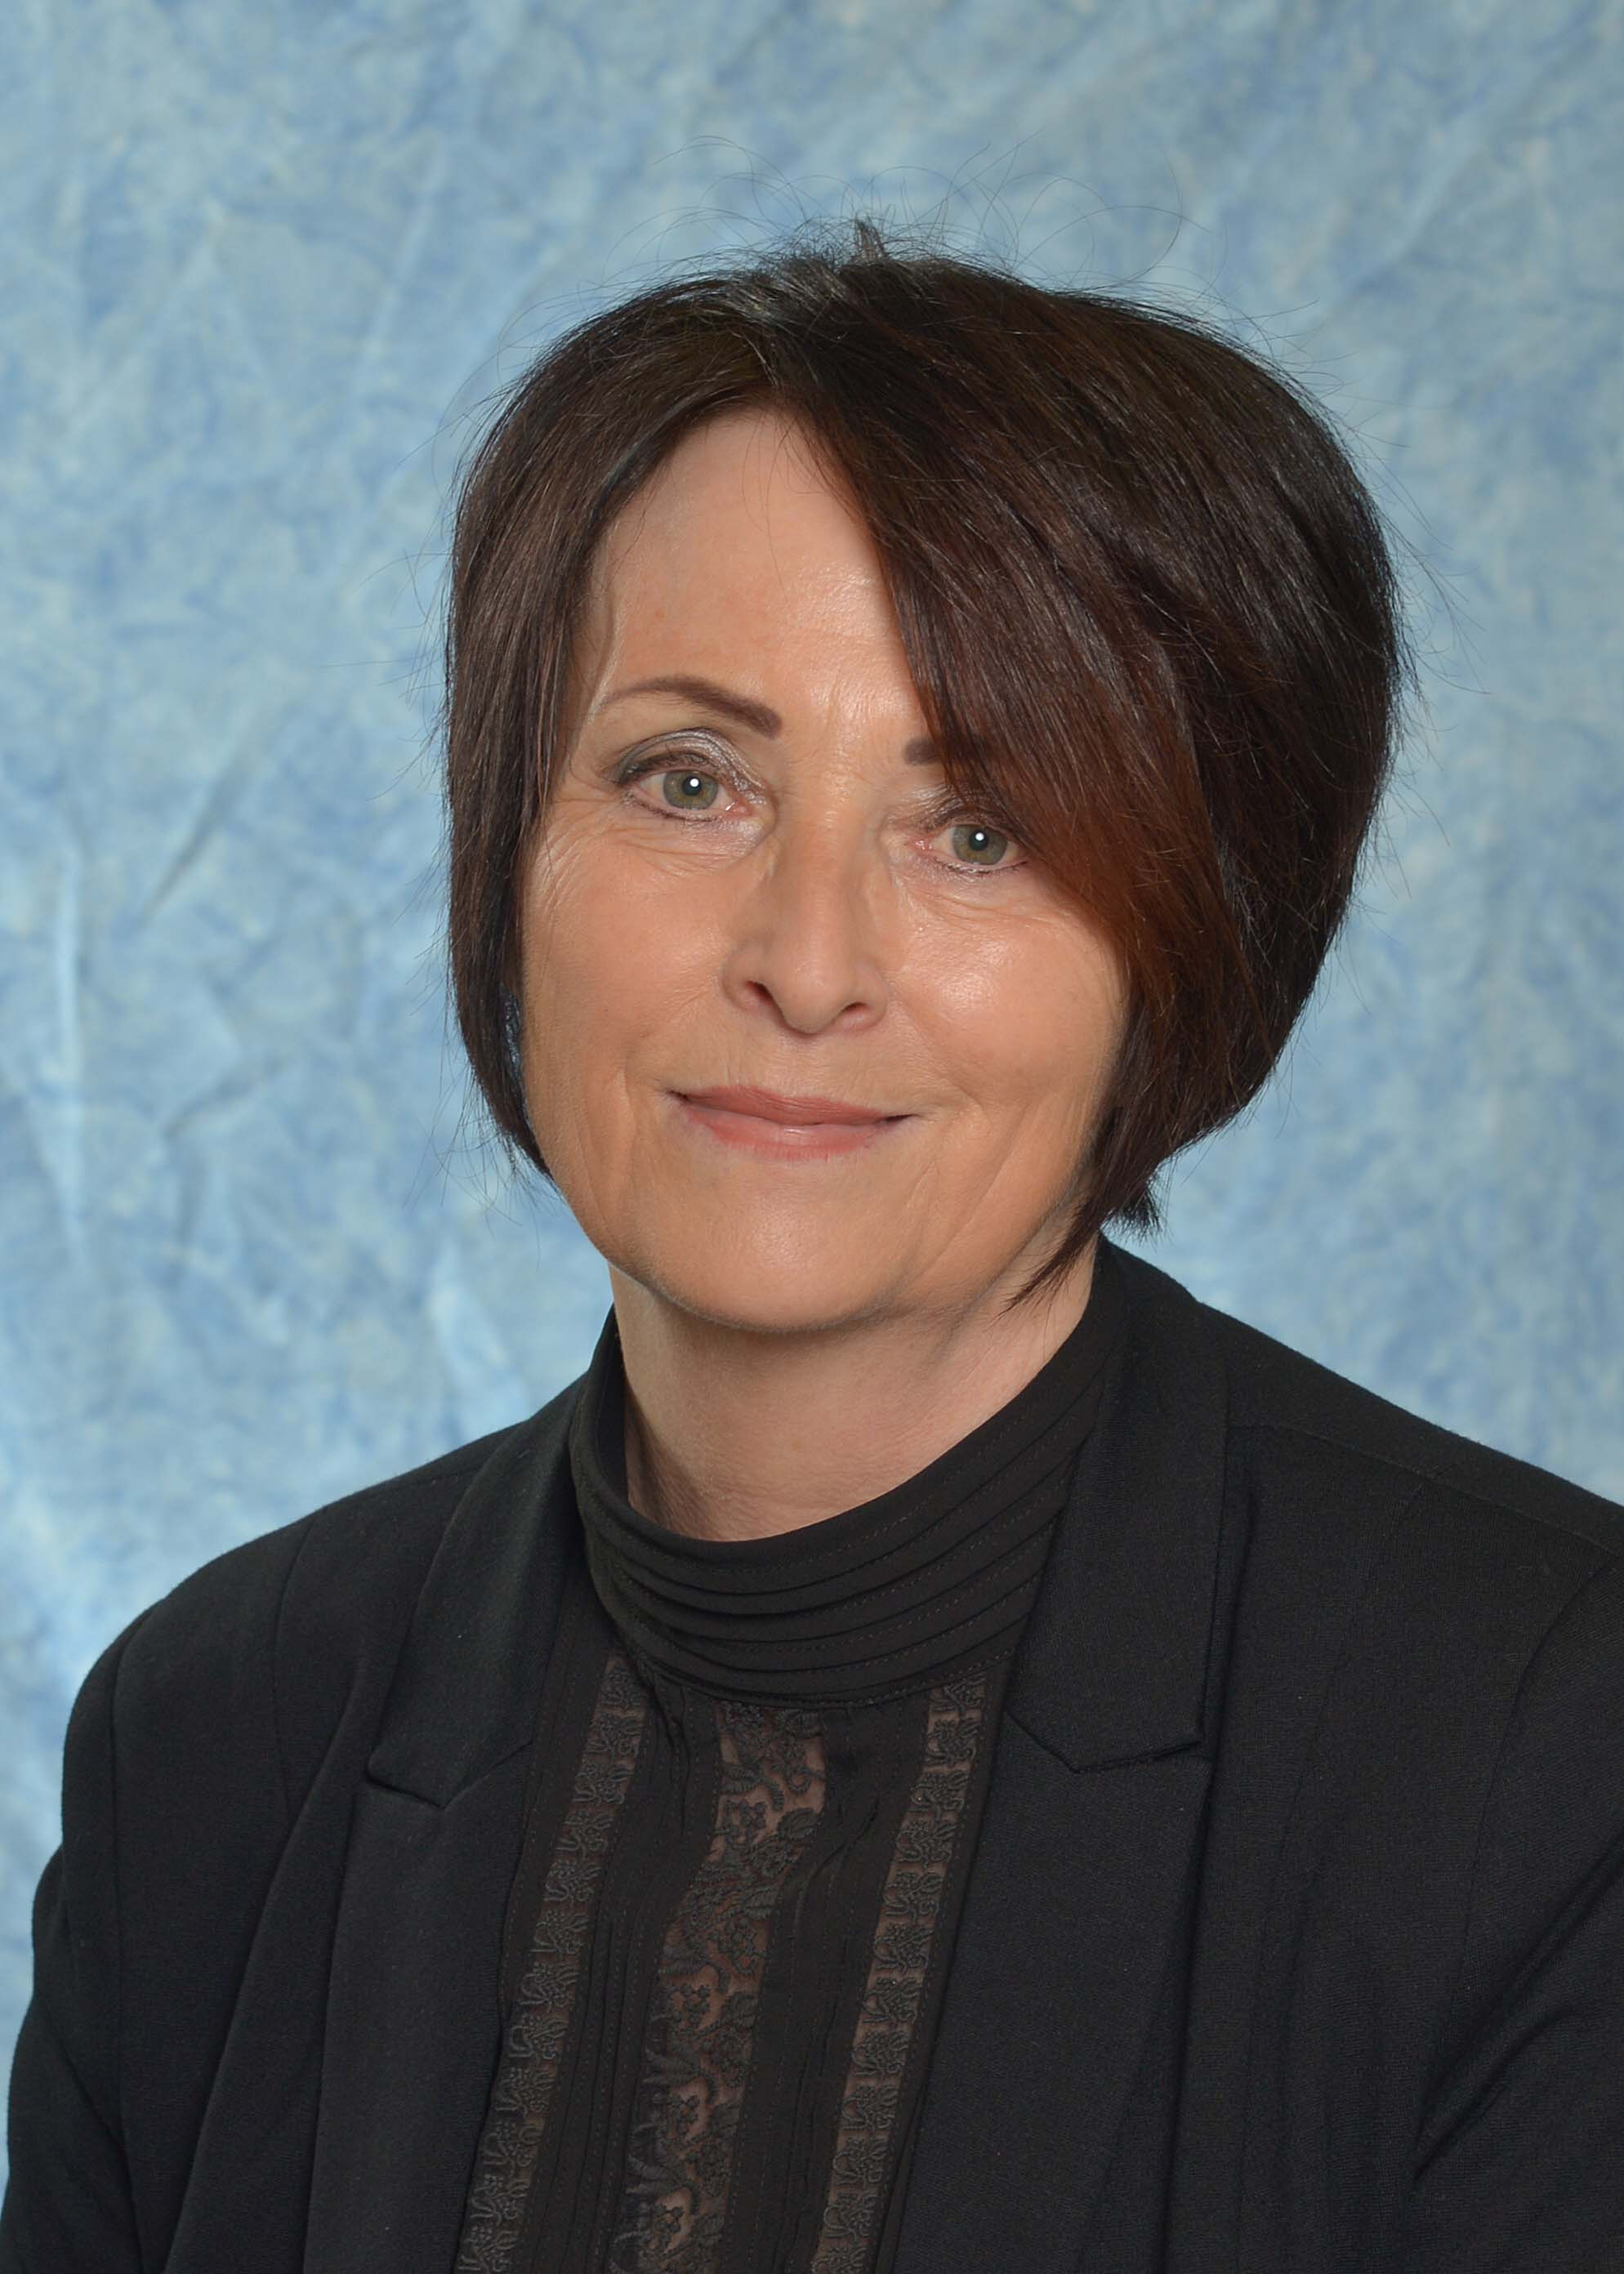 Birgit Holler